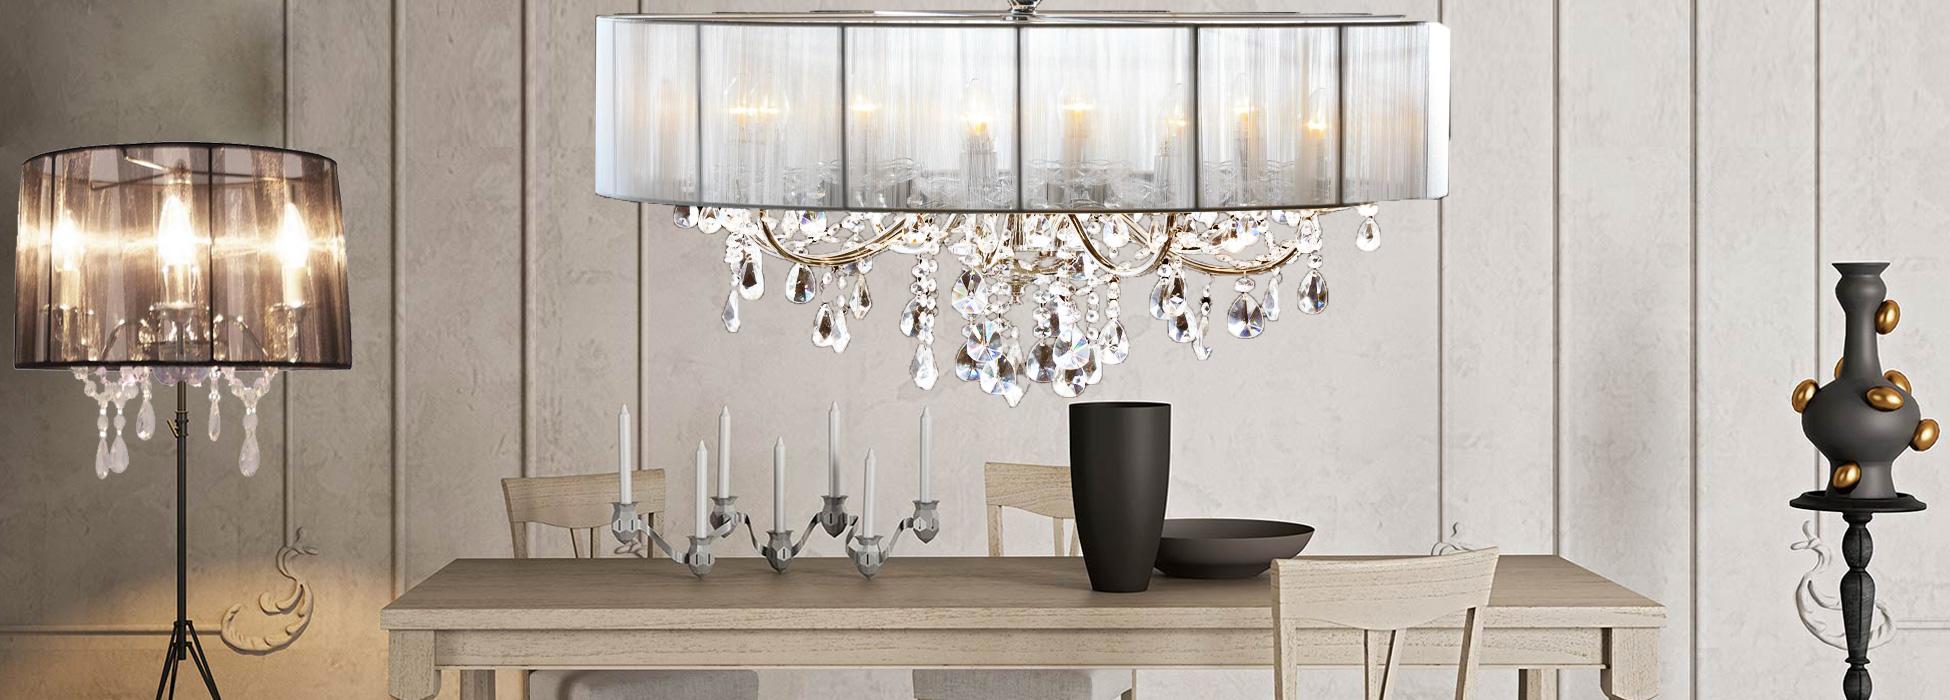 Lampadari classici su catania studio luce lampadari patern for Lampadari per studio